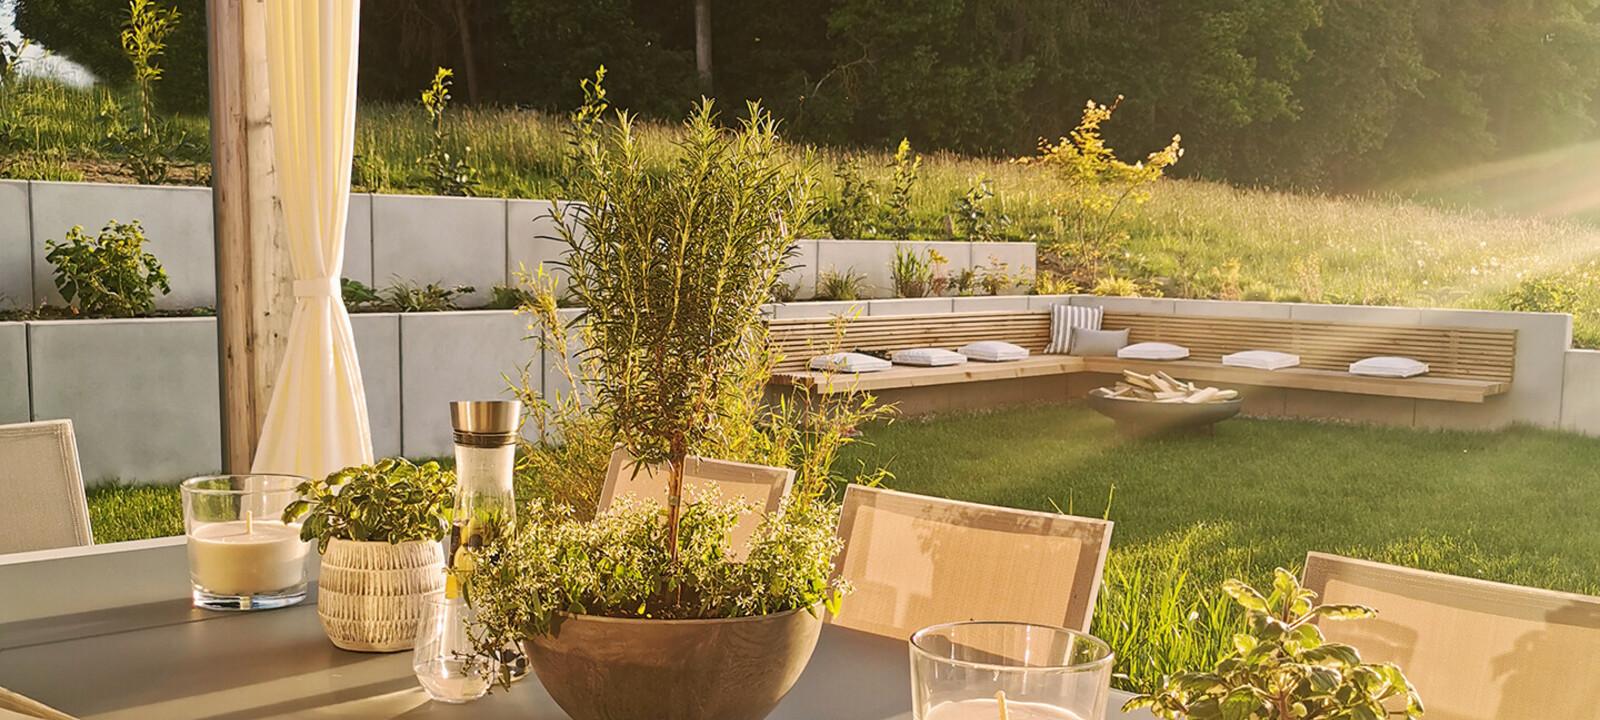 Sitzecke Garten Stützwinkel mit Holzsitzen